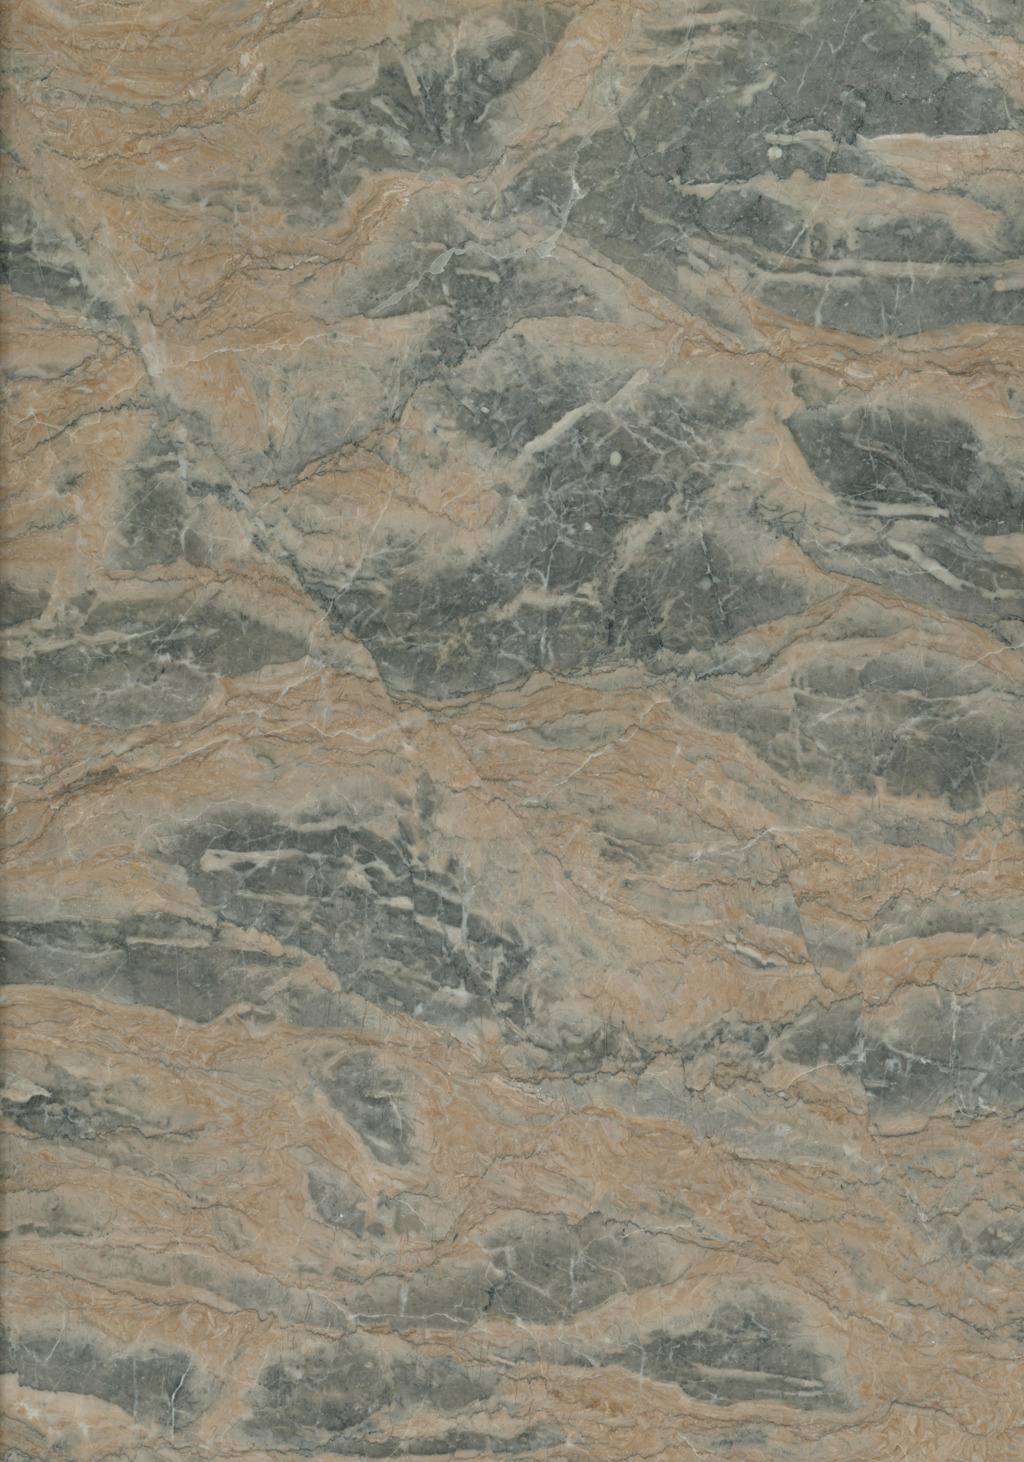 大理石 阿波罗/[版权图片]阿波罗高清大理石纹理材质图片